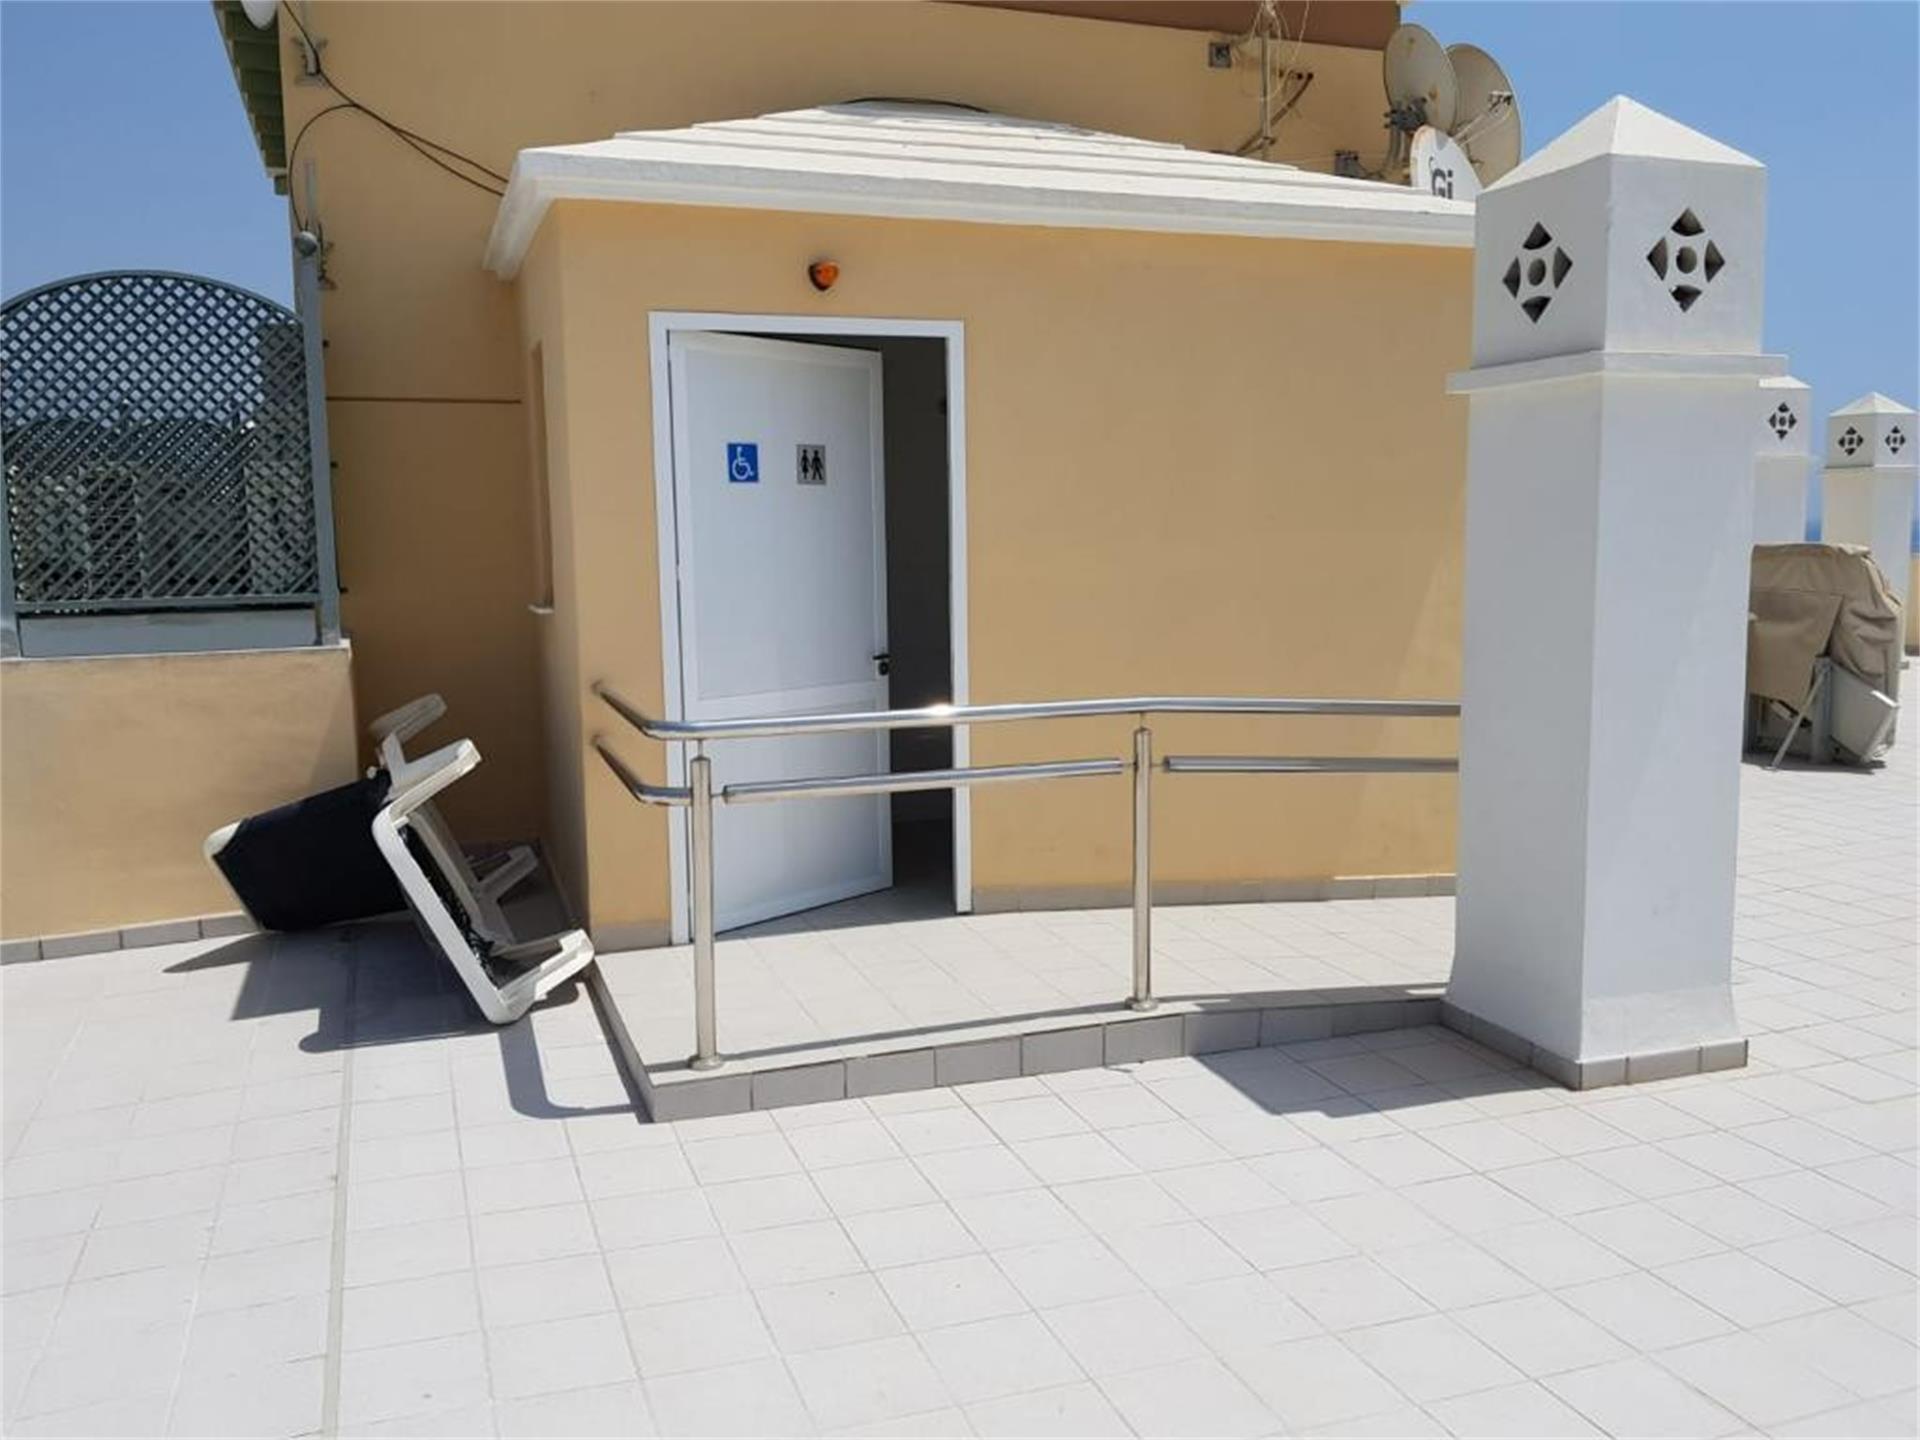 Piso de alquiler en Calle Carretera de Almería, . El Peñoncillo (Torrox, Málaga)